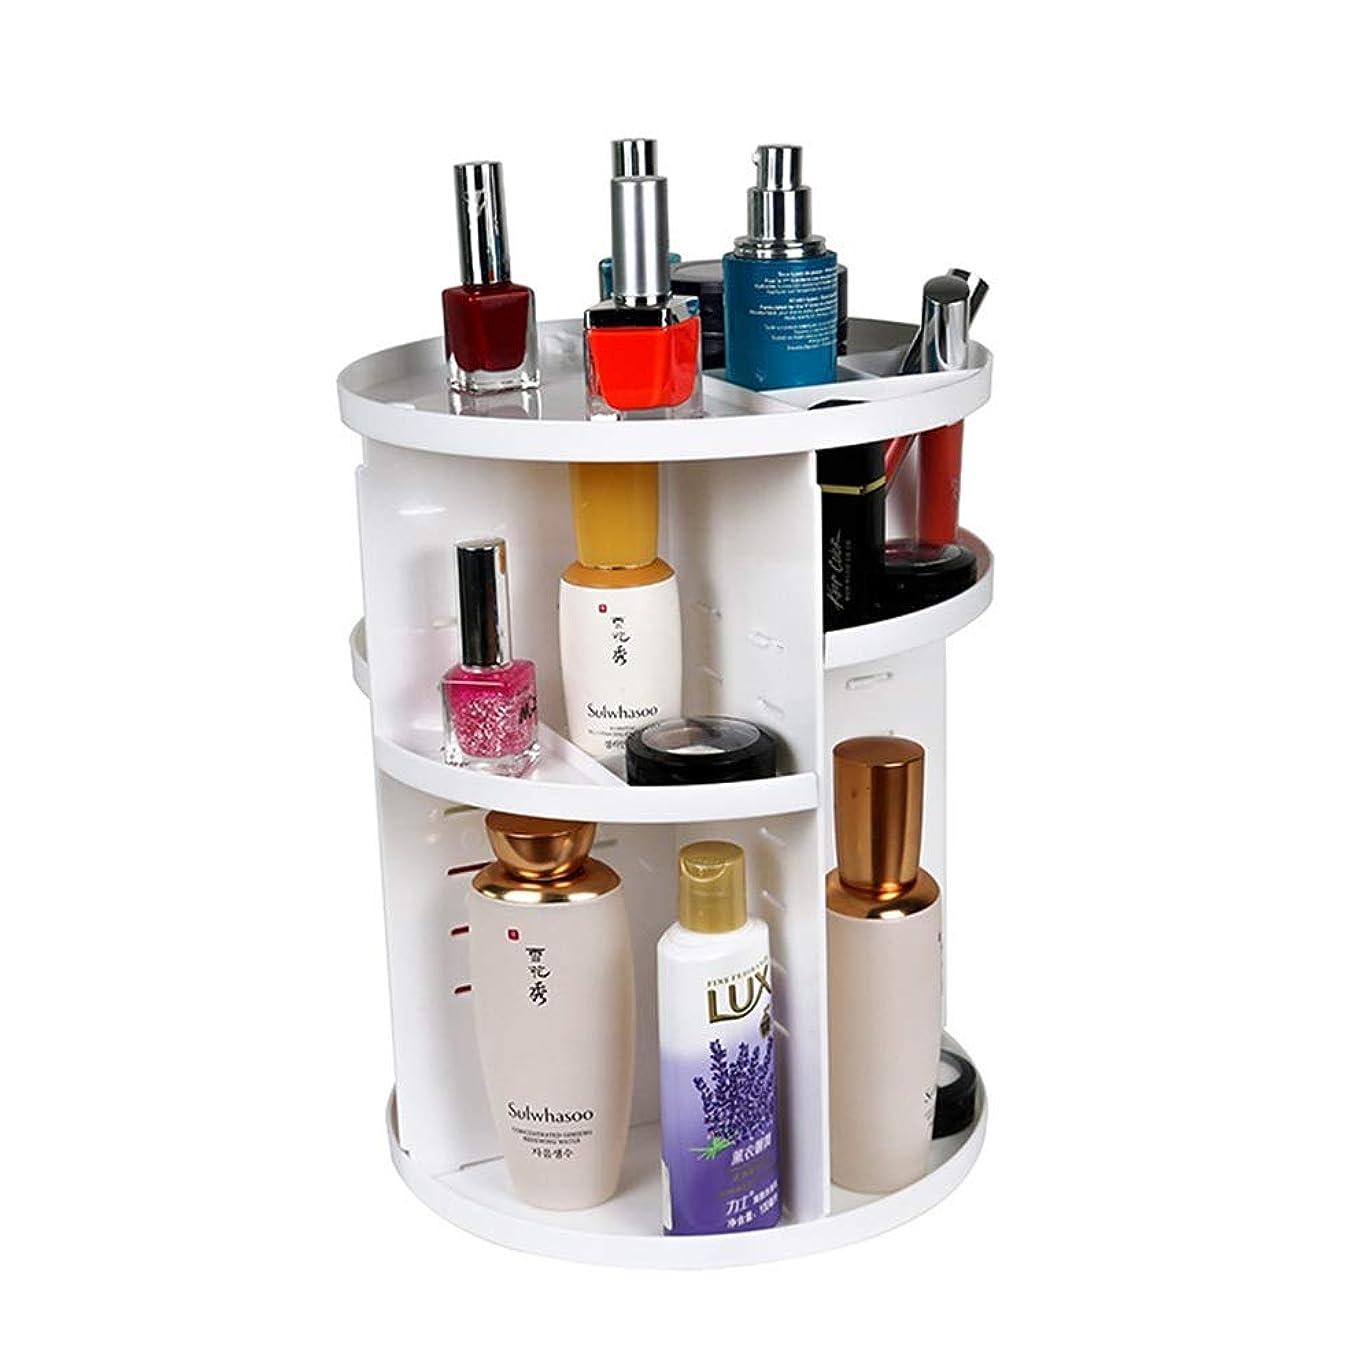 更新抑圧する広告整理簡単 簡単な構造のオルガナイザー調節可能な宝石類および化粧品の陳列台を回転させる360度 (Color : White, Size : 29.5*23*23CM)